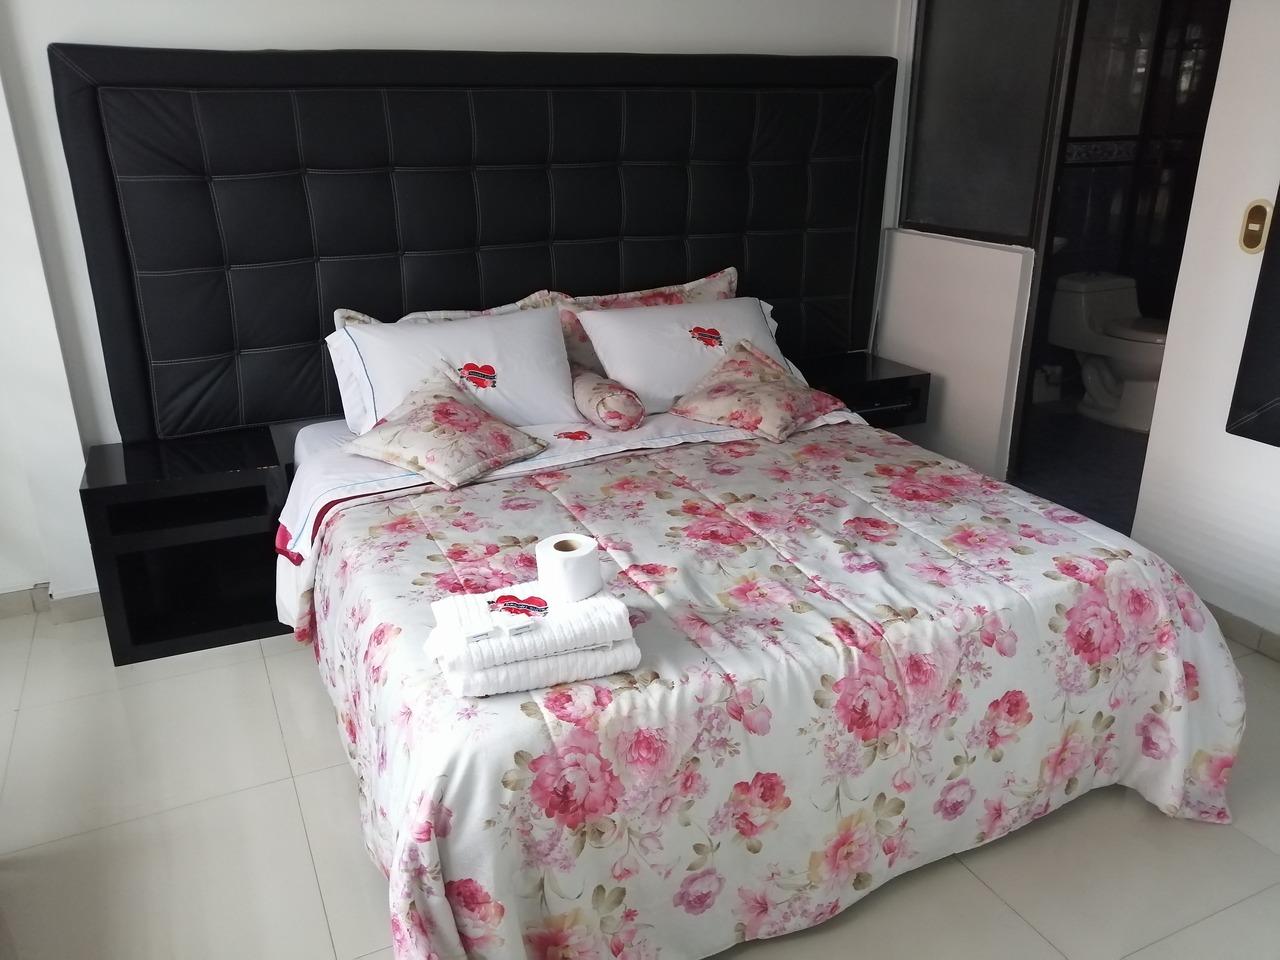 Risort Suite en Venecia : MotelNow